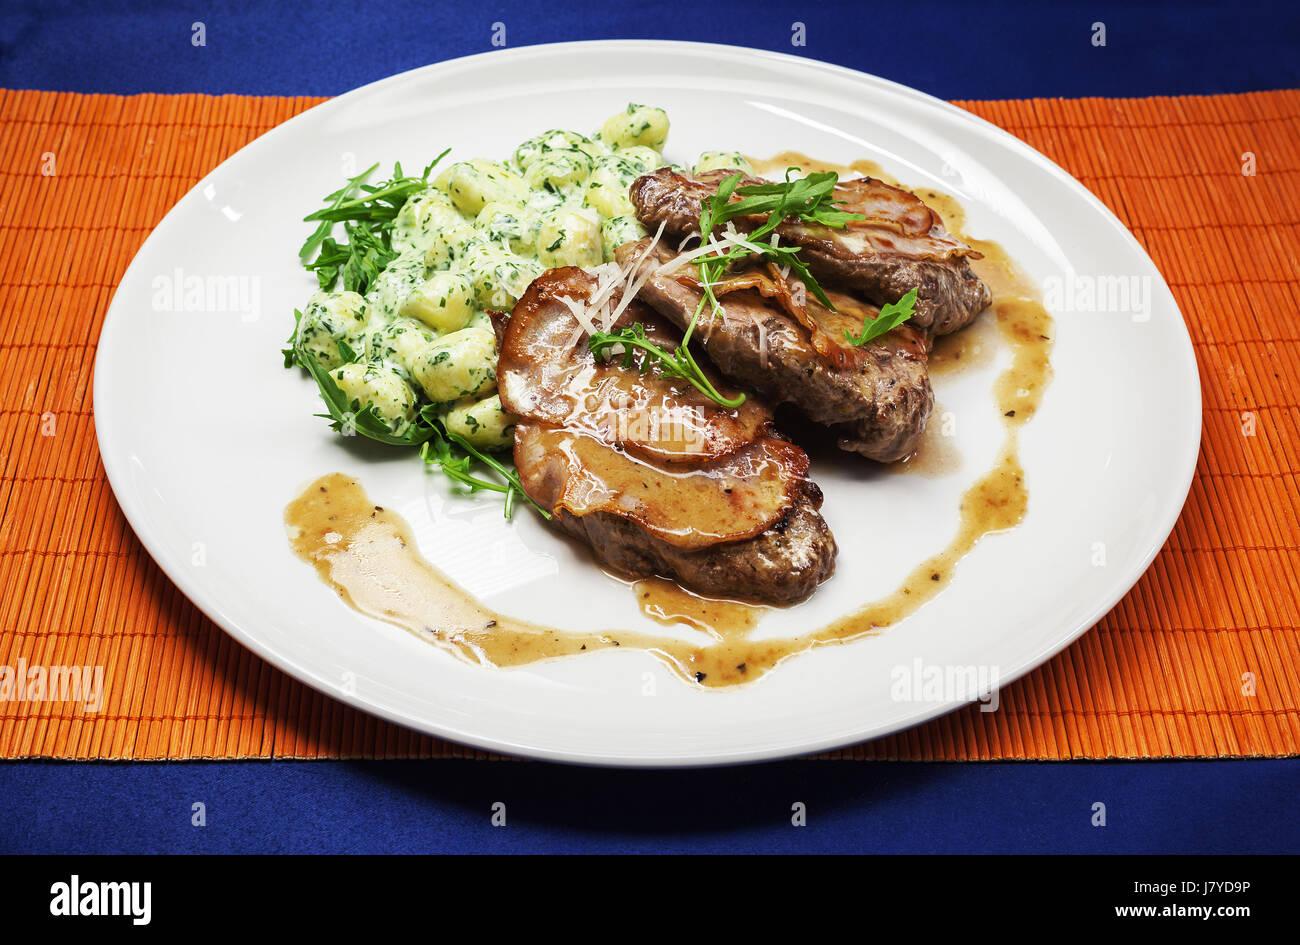 Soft di manzo con prosciutto e patate cotte sulla piastra bianca. Immagini Stock